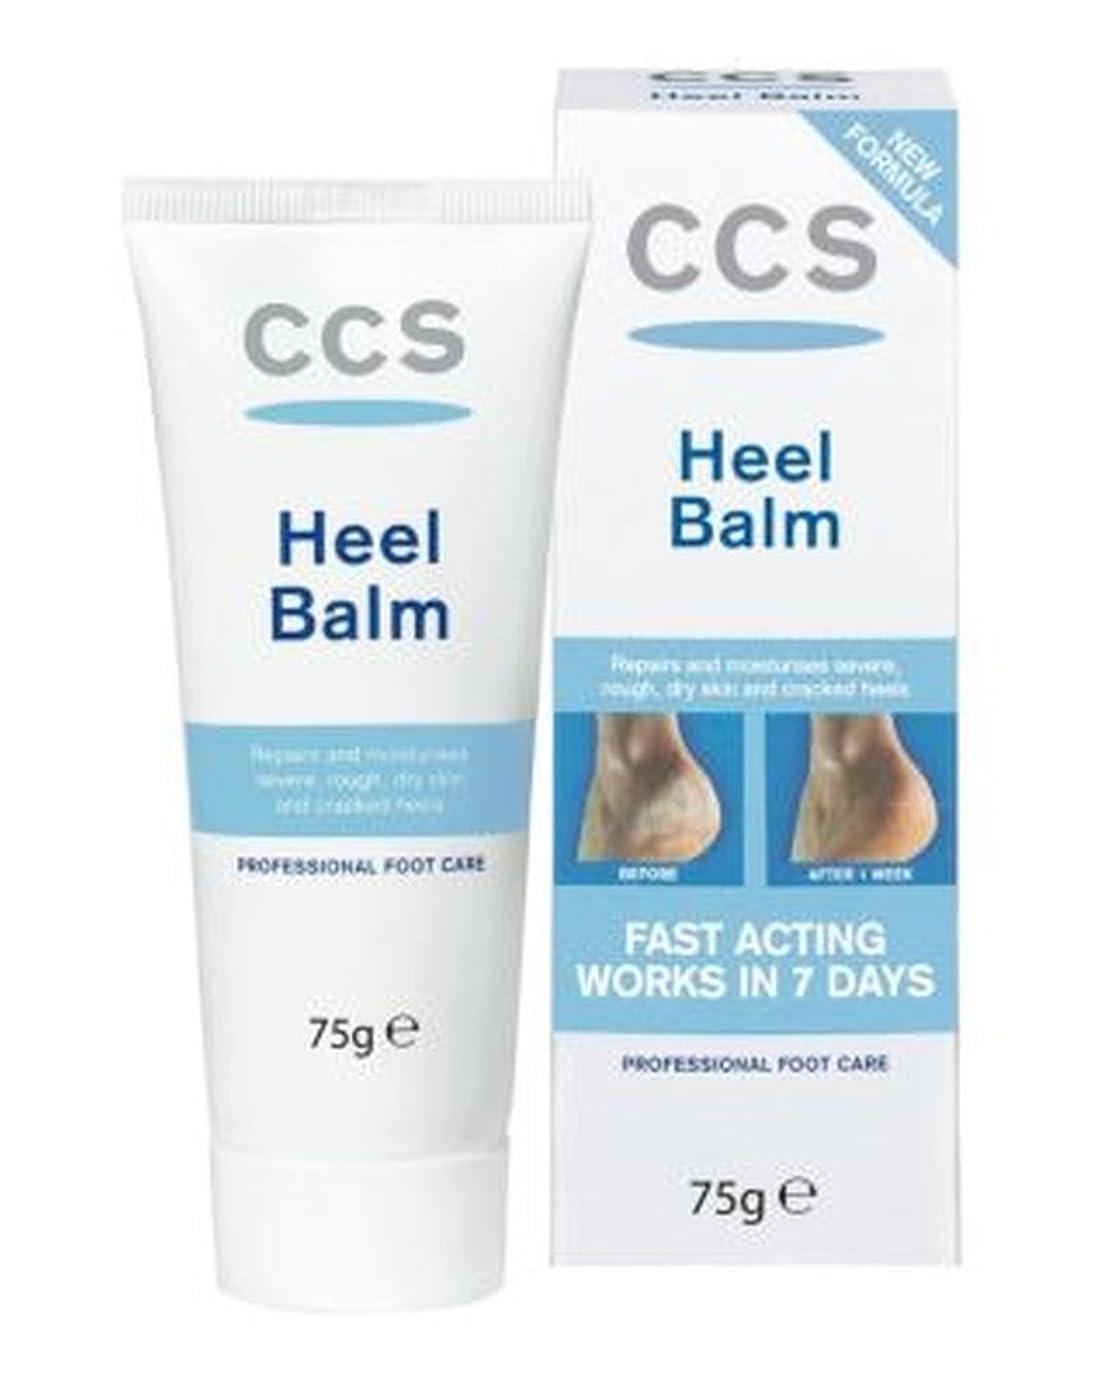 セブン心理的に逆さまにCCS Heel Balm - 75g - Ccsかかとバーム - 75グラム (Ccs) [並行輸入品]